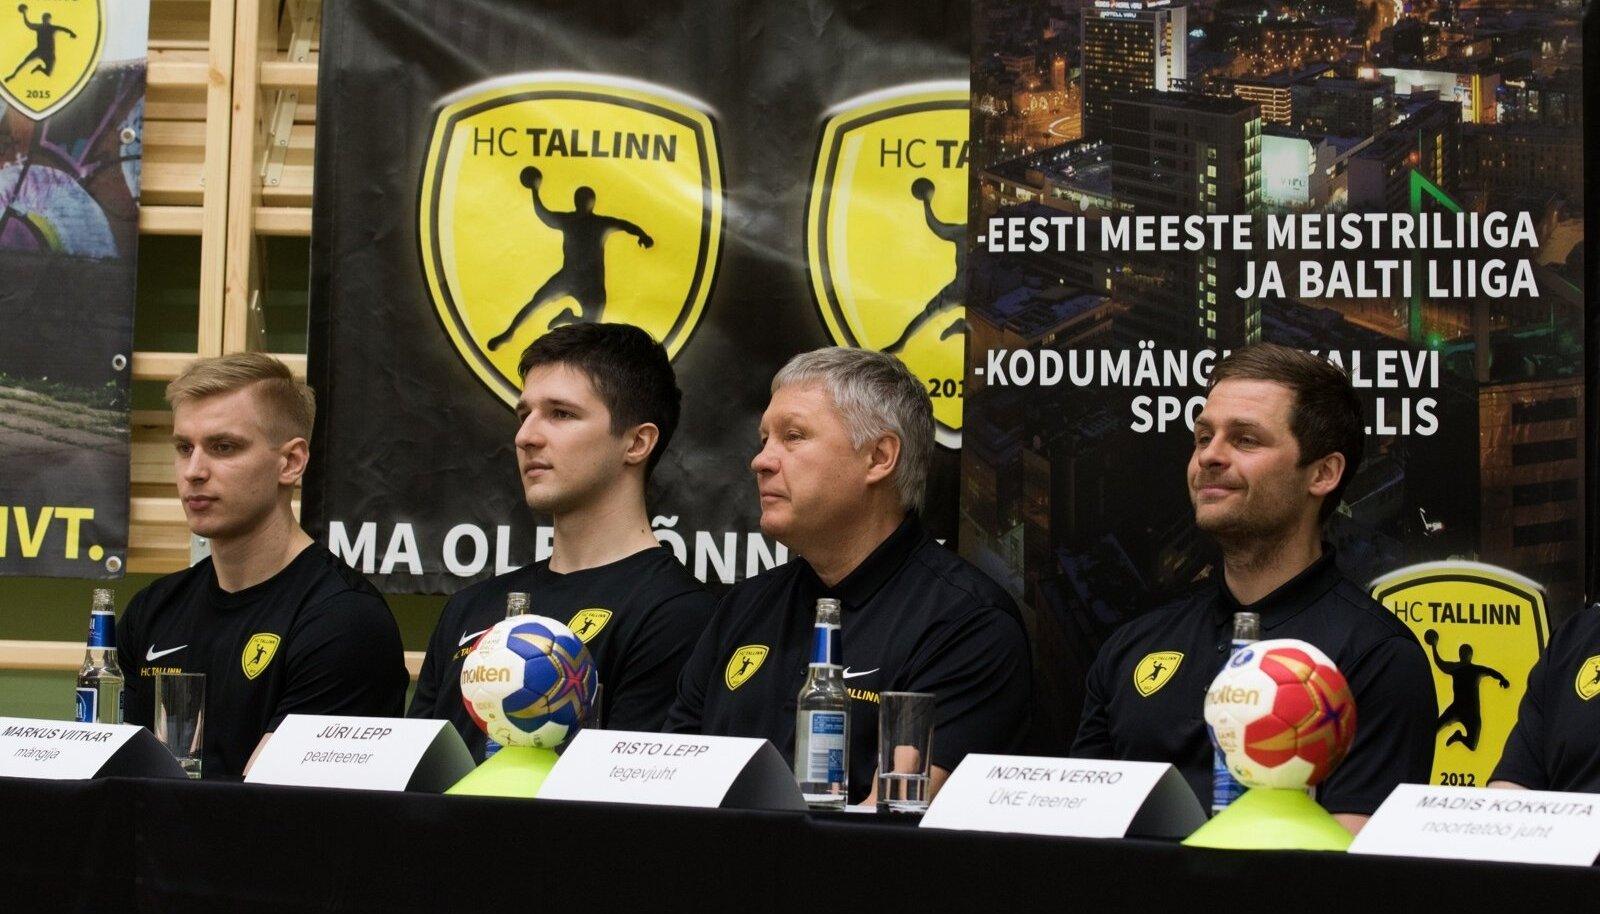 Risto Lepp (paremalt esimene) ja Jüri Lepp HC Tallinna pressikonverentsil.